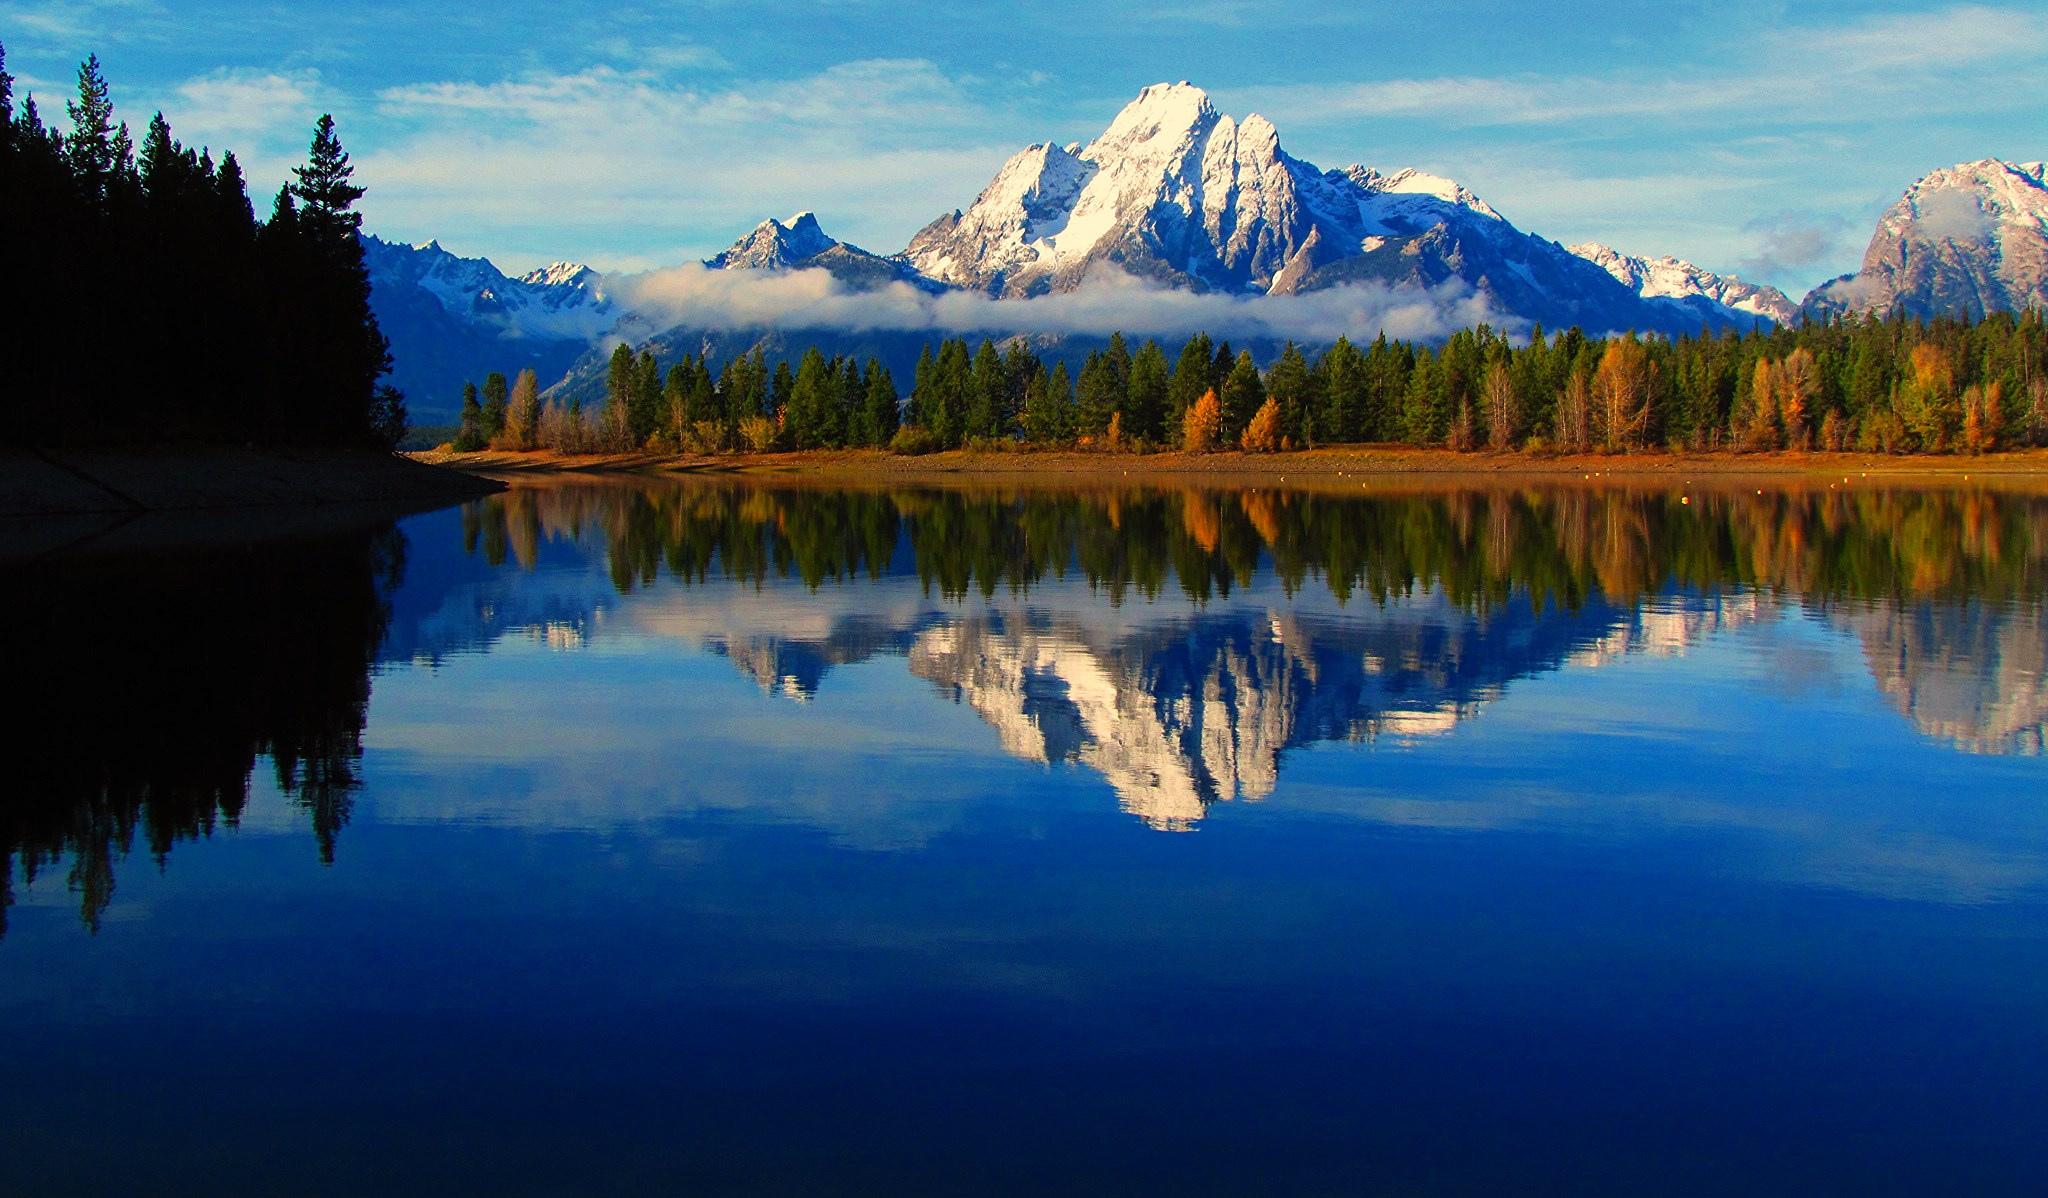 112666 papel de parede 720x1520 em seu telefone gratuitamente, baixe imagens Natureza, Montanhas, Eua, Lago, Reflexão, Estados Unidos, Wyoming 720x1520 em seu celular